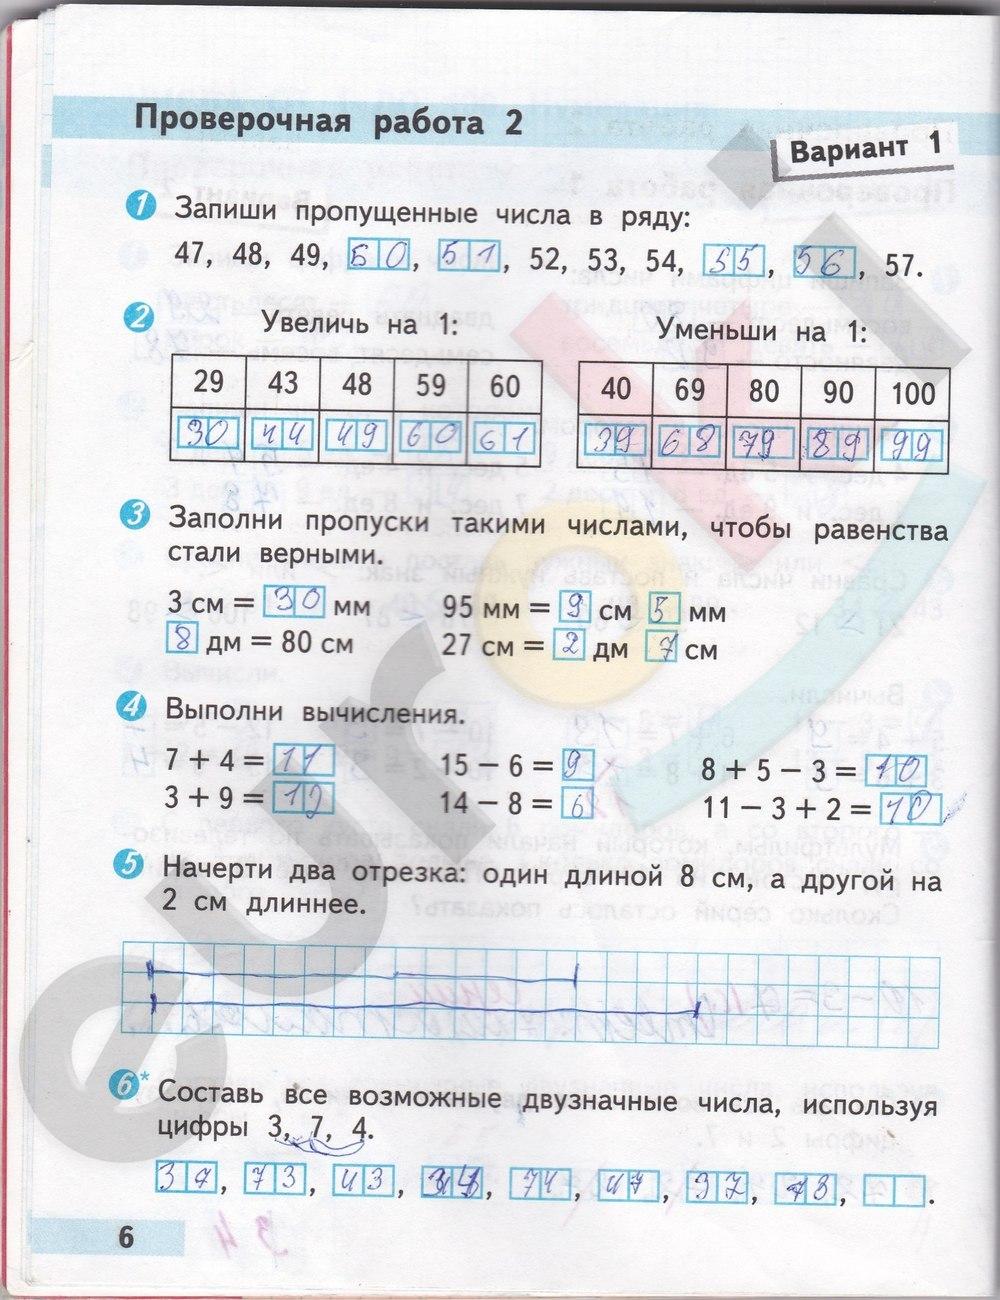 Гдз По Математике 2 Класс Проверочная Работа